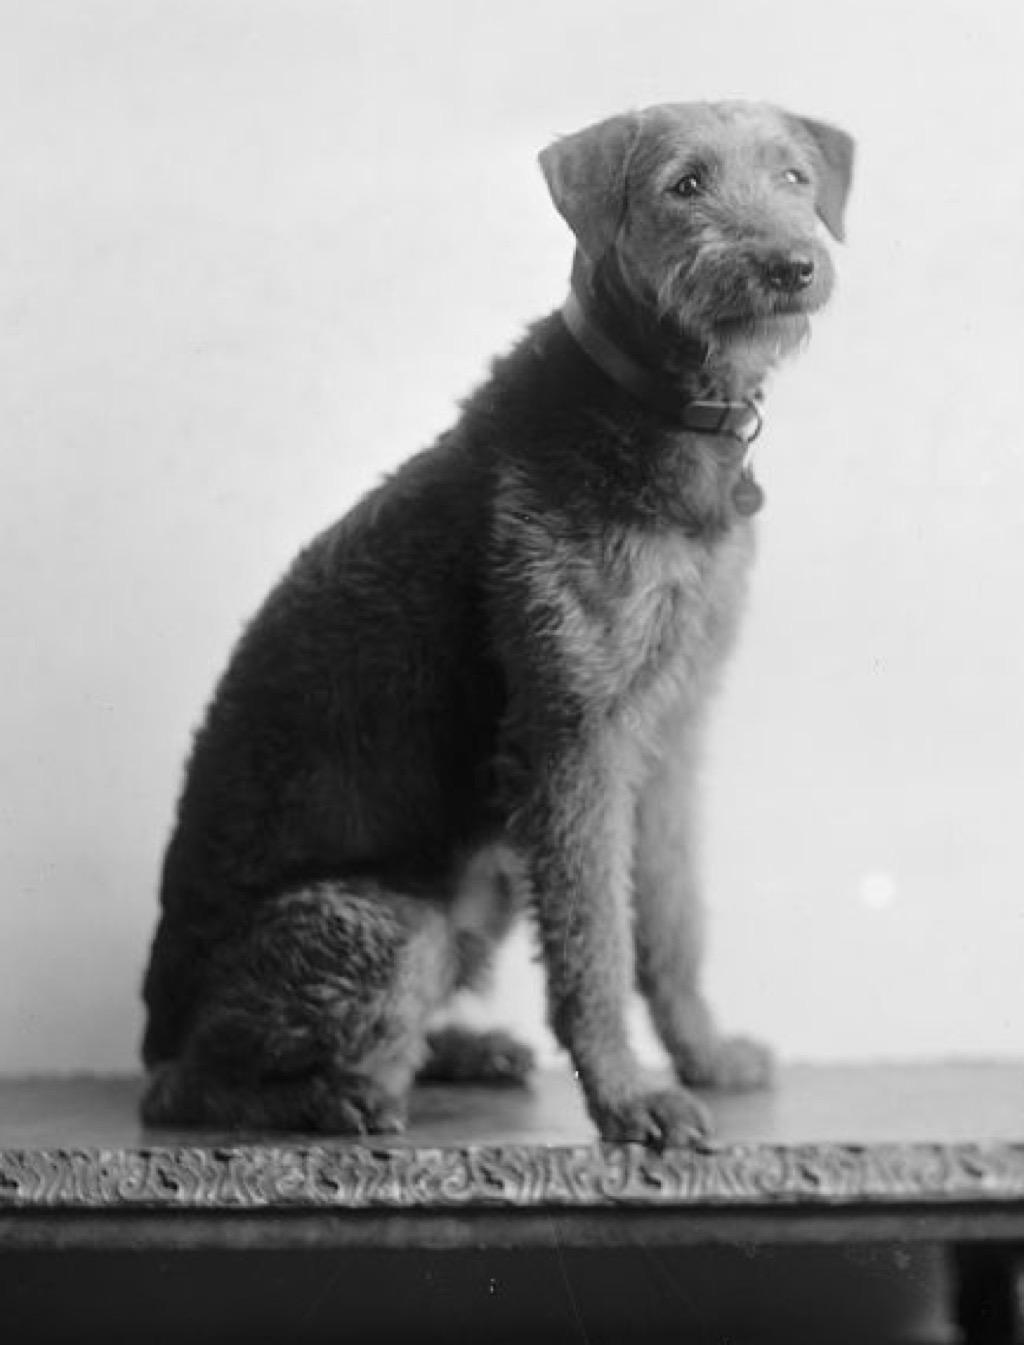 Warren G Harding's dog, Laddie boy